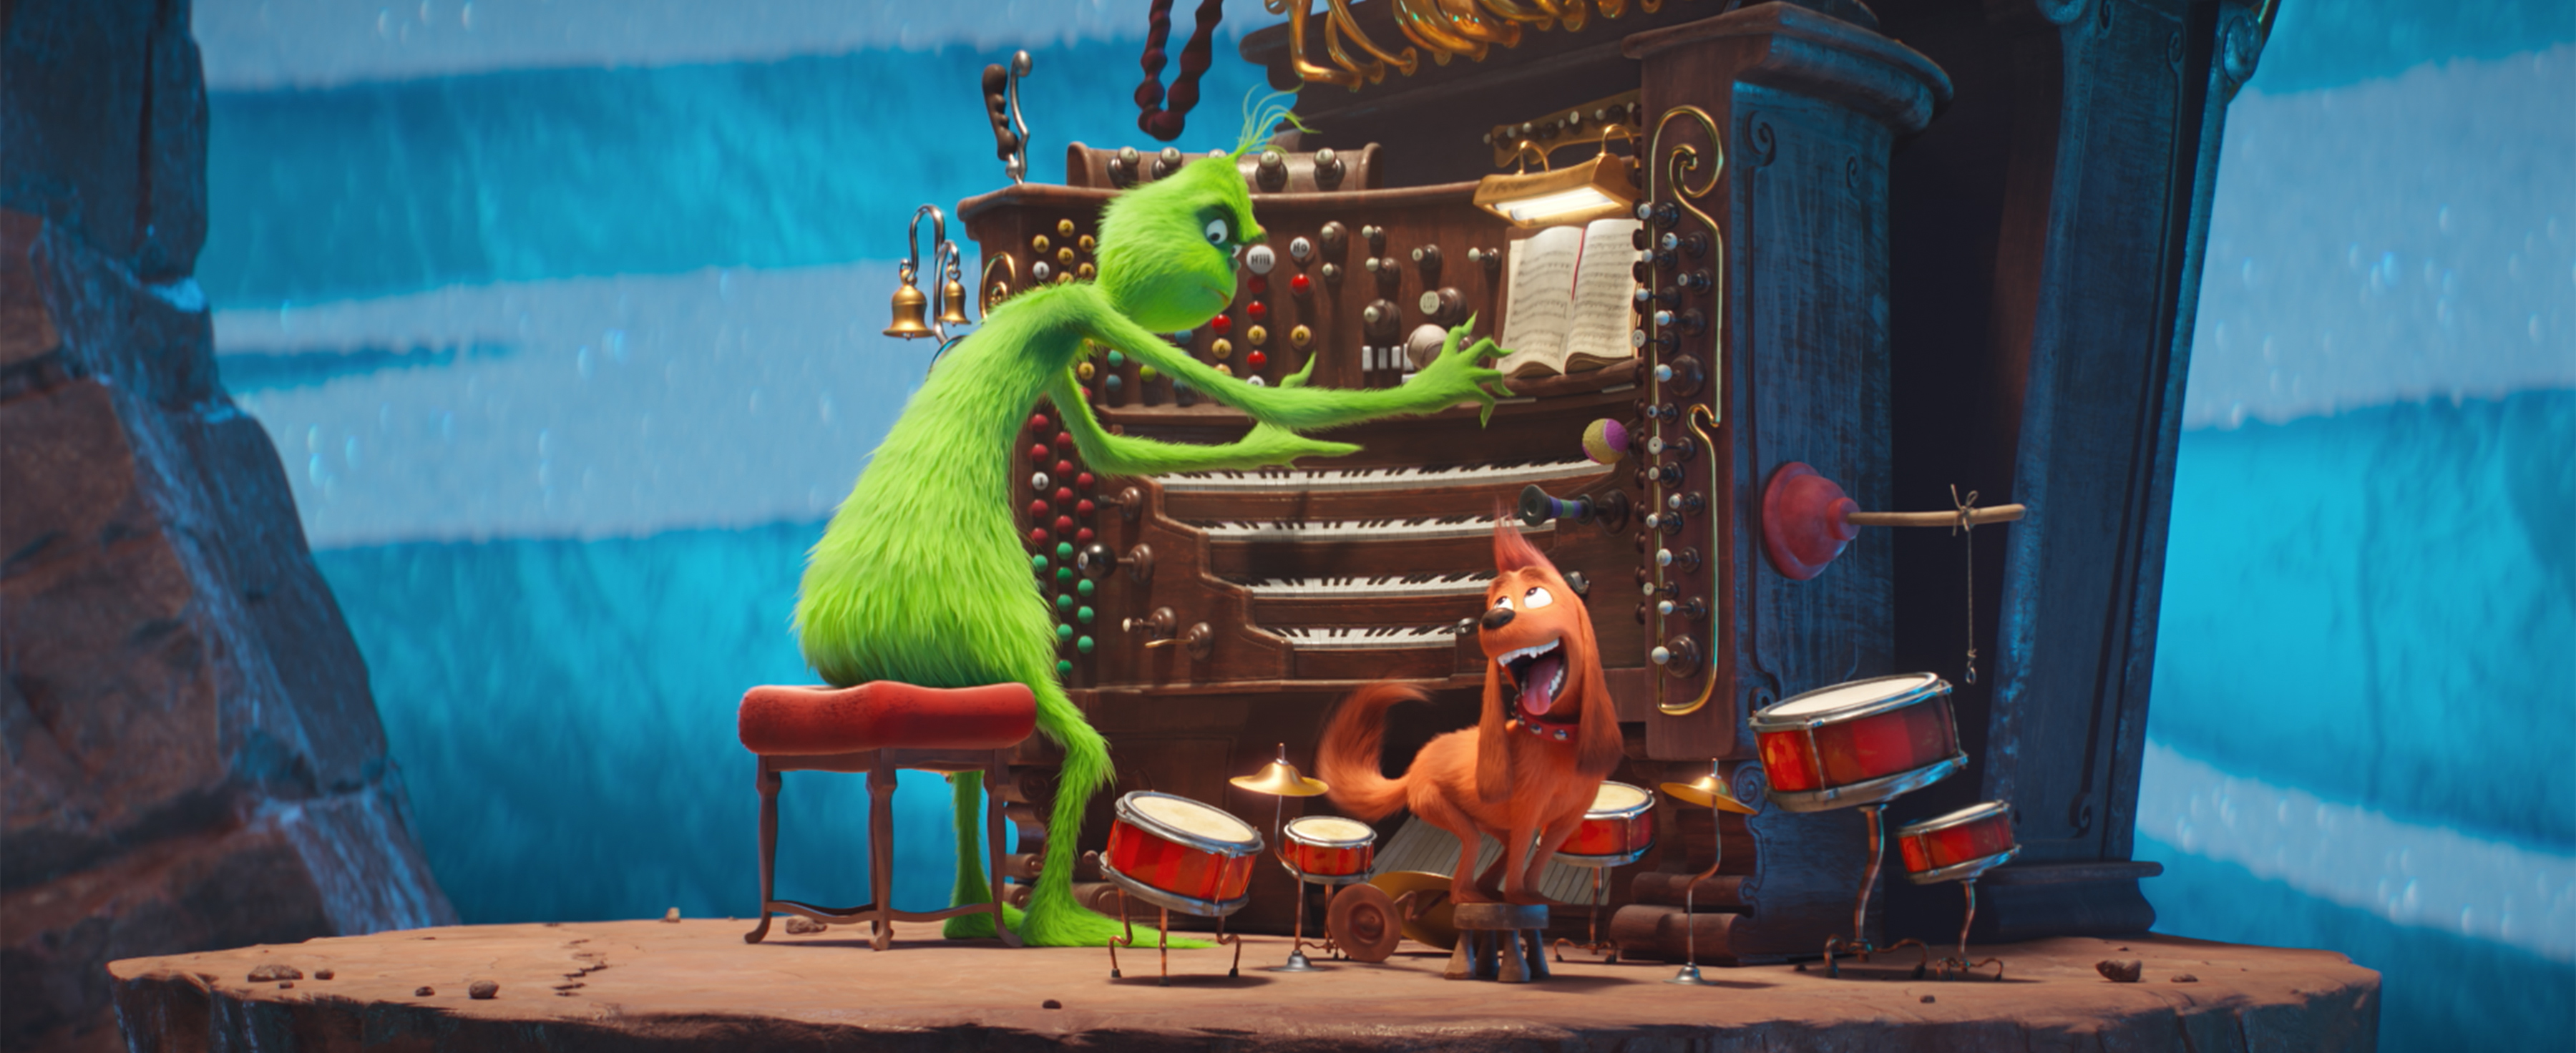 Film Title: Dr. Seuss' The Grinch